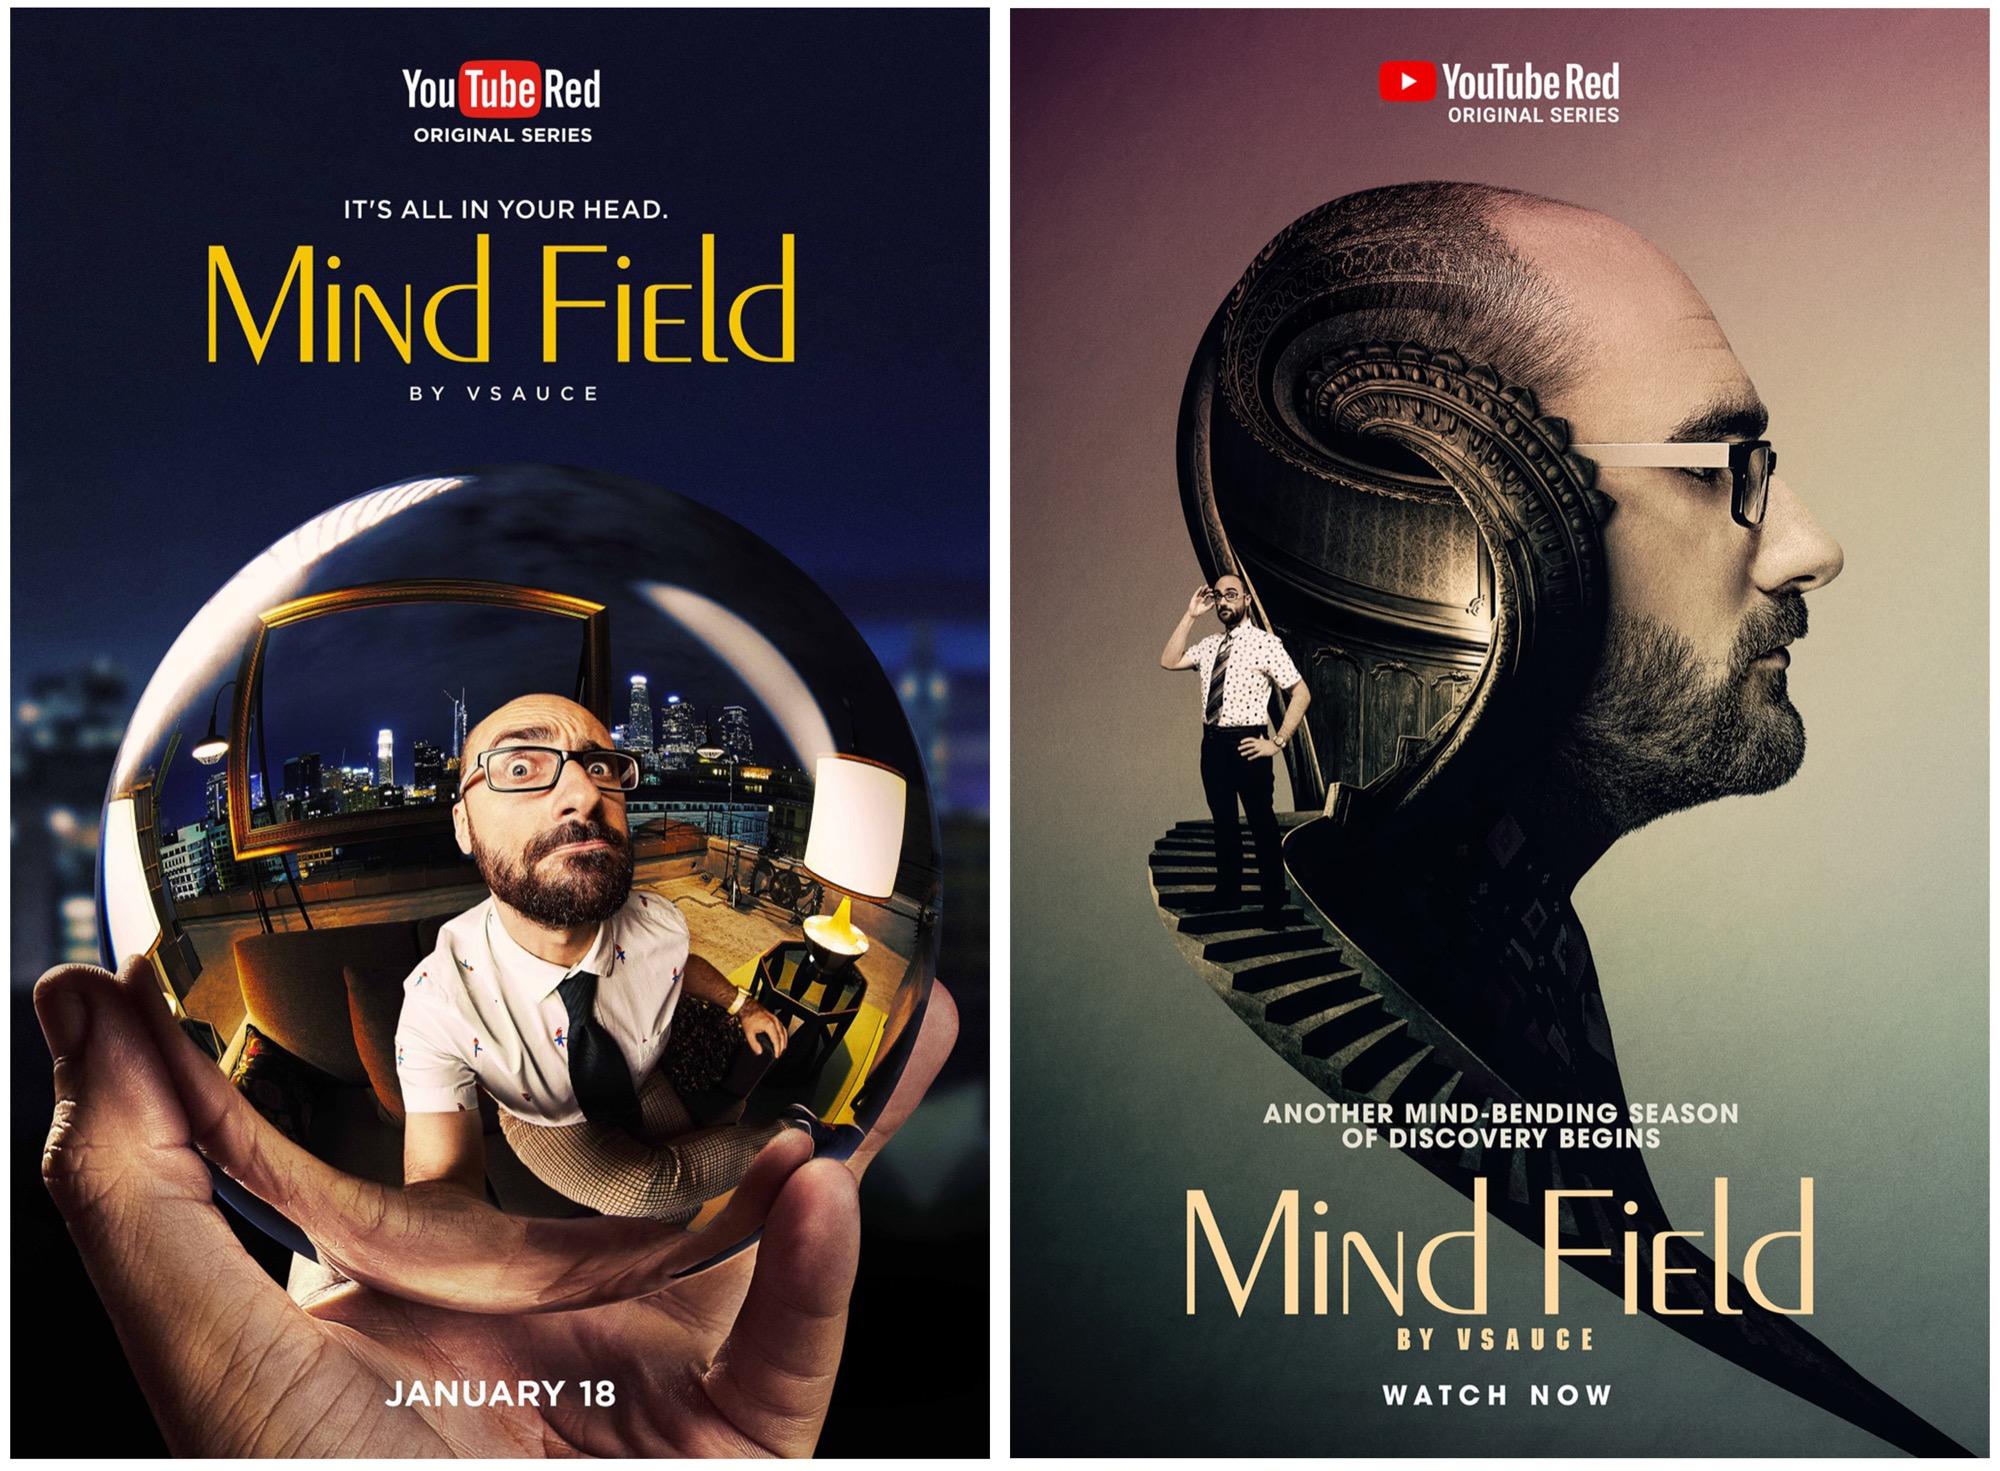 mindfieldboth copy.jpg